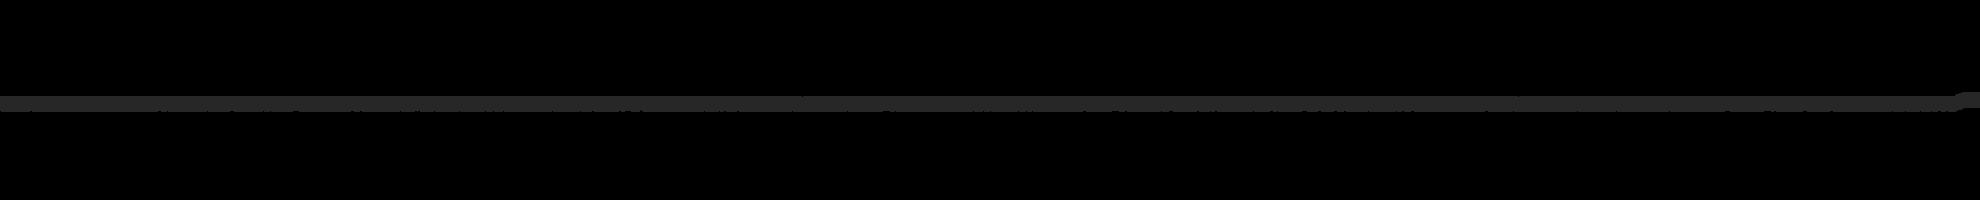 line_graphite